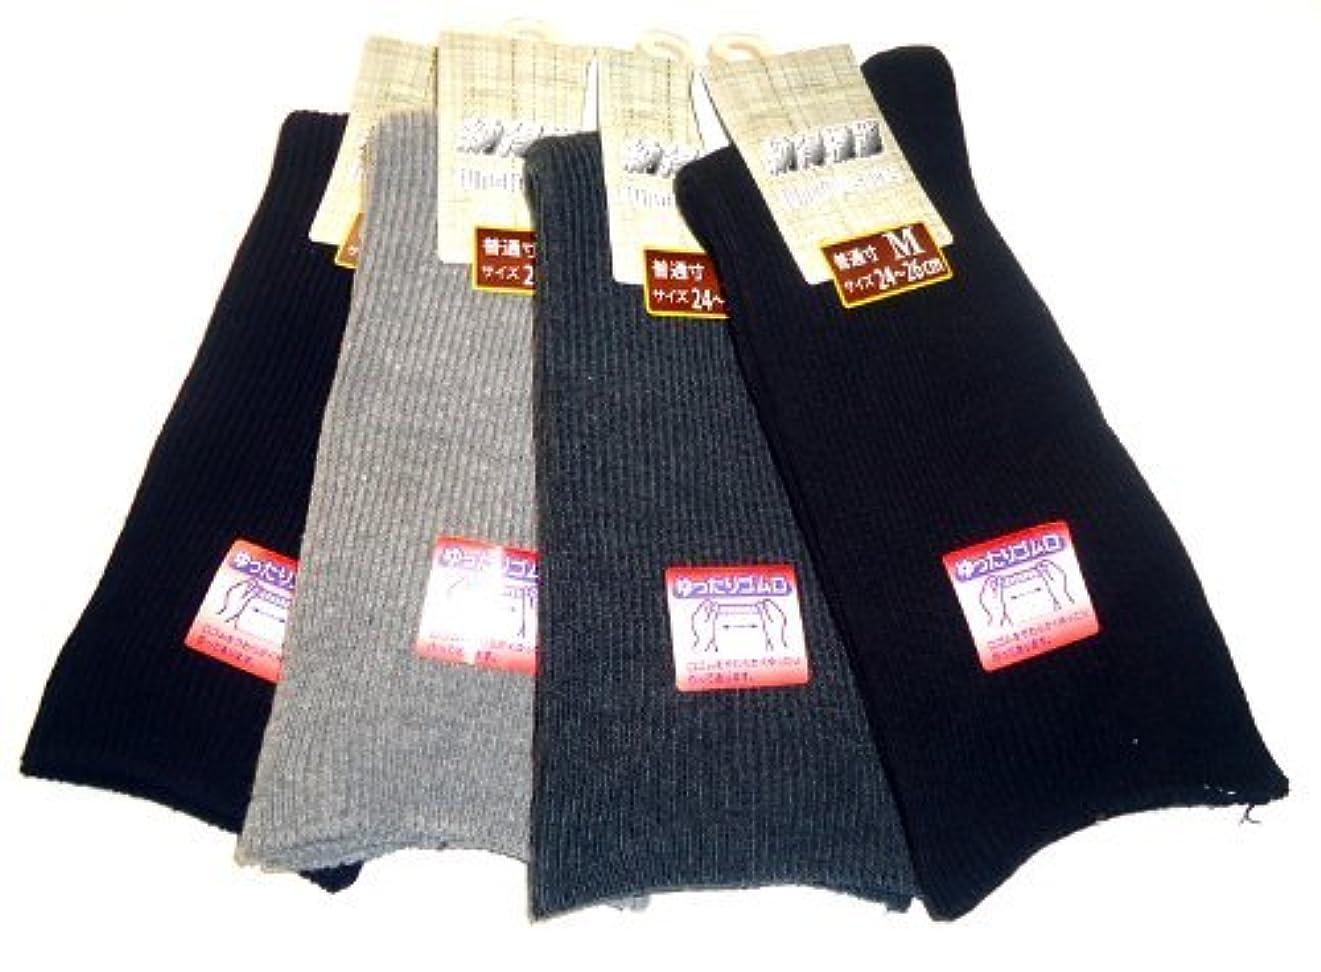 転用再生転用日本製 靴下 メンズ 口ゴムなし ゆったり靴下 24-26cm お買得4色4足組